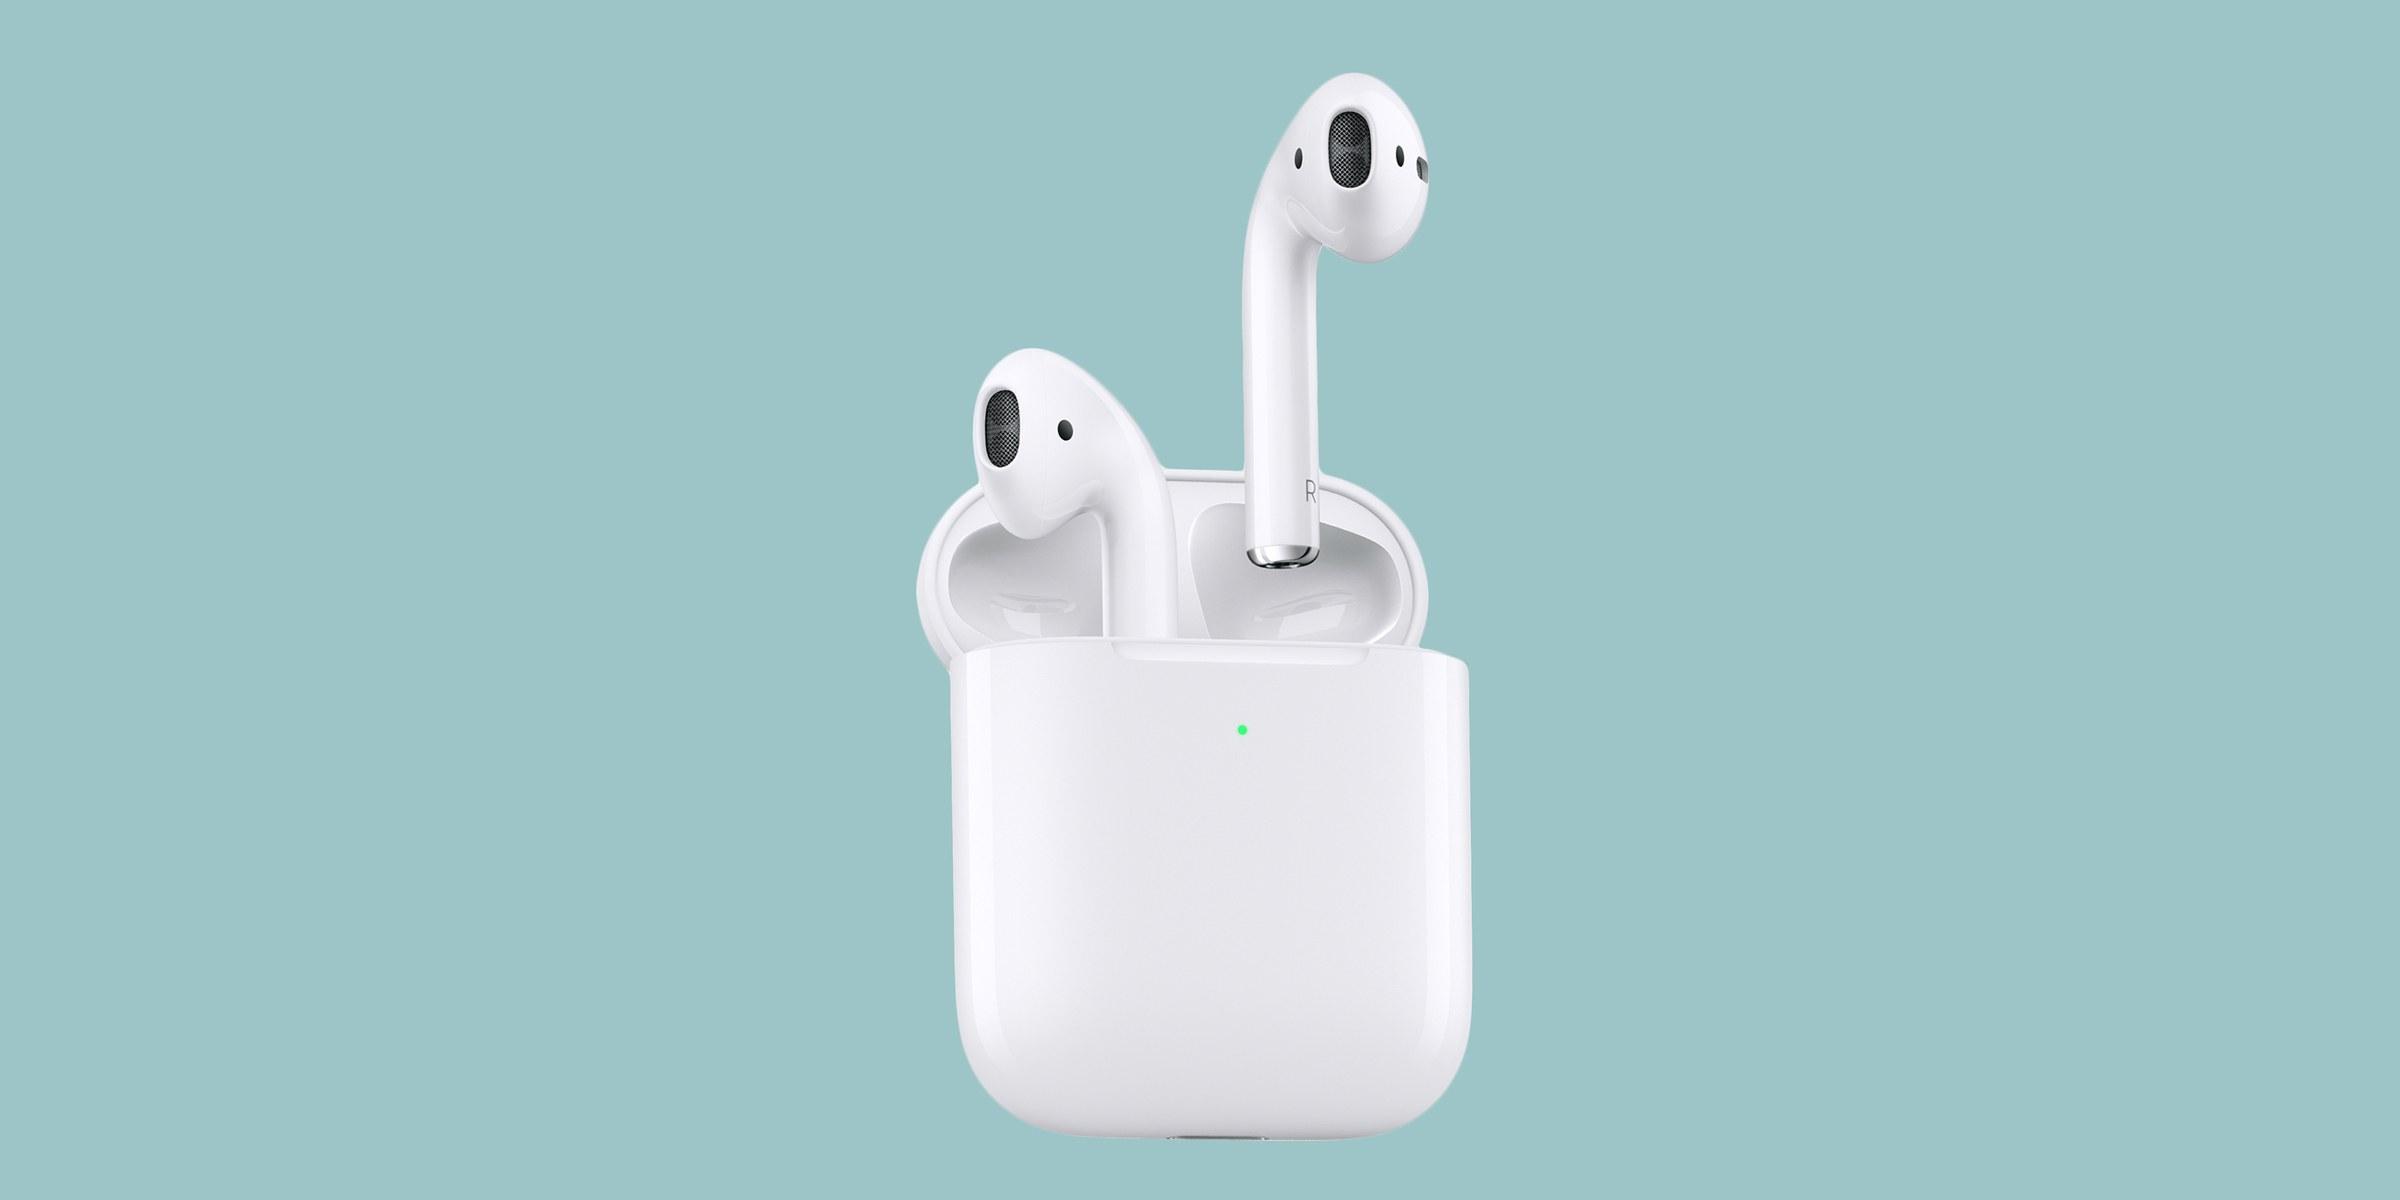 Problemas comunes de Apple Airpods y sus soluciones